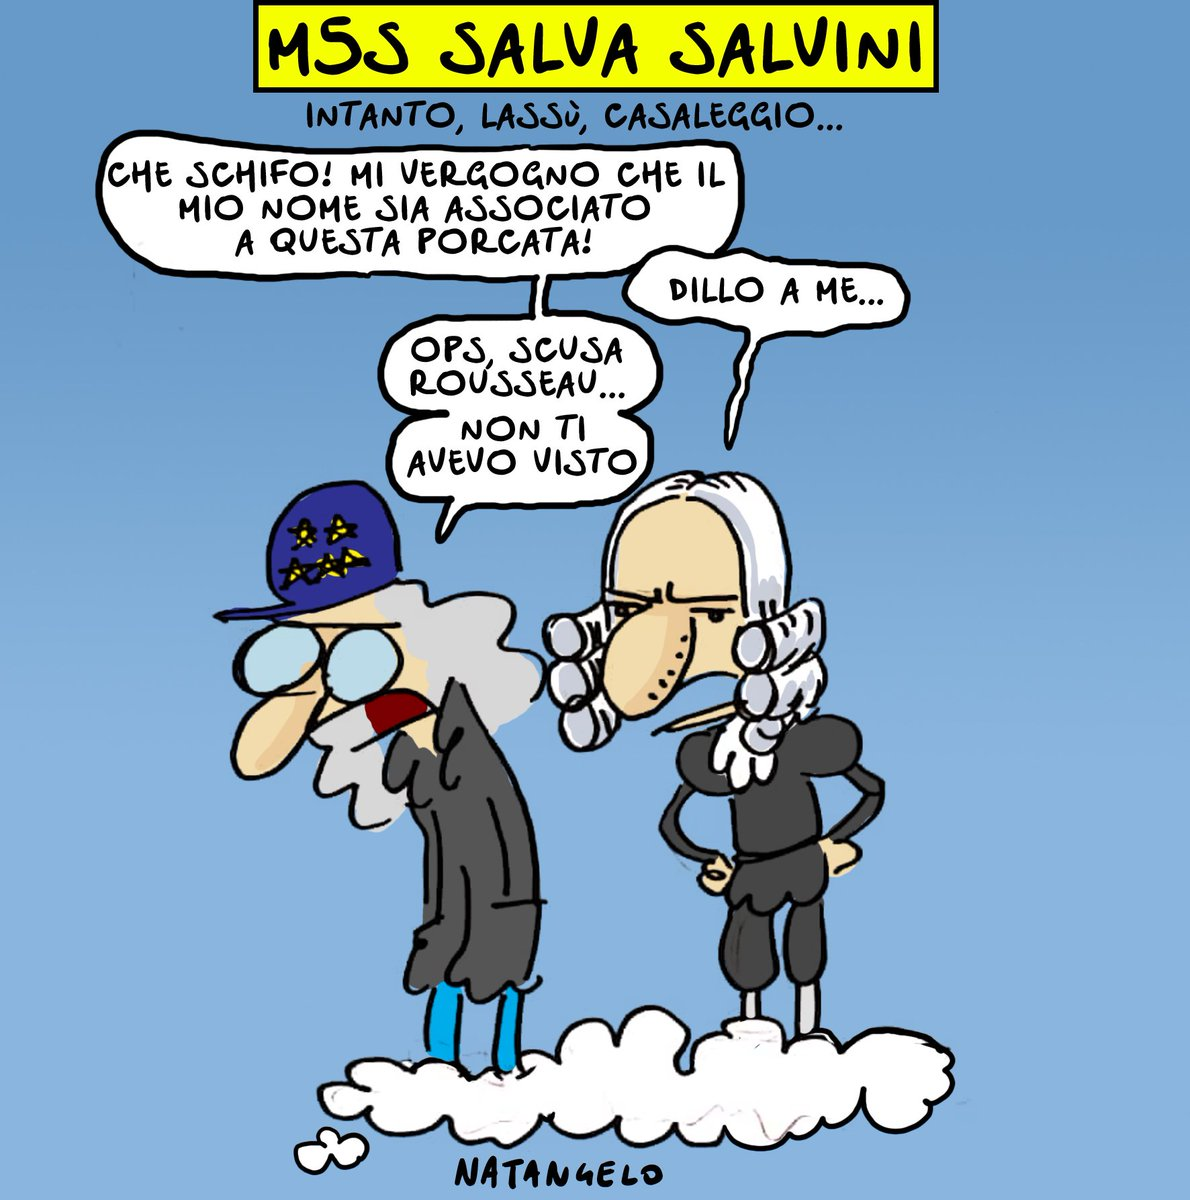 Caso Diciotti, sulla piattaforma Rousseau i grillini dicono no al processo per Salvini #m5s #lega #PiattaformaRousseau #casaleggio #dimaio #rousseau #natangelo